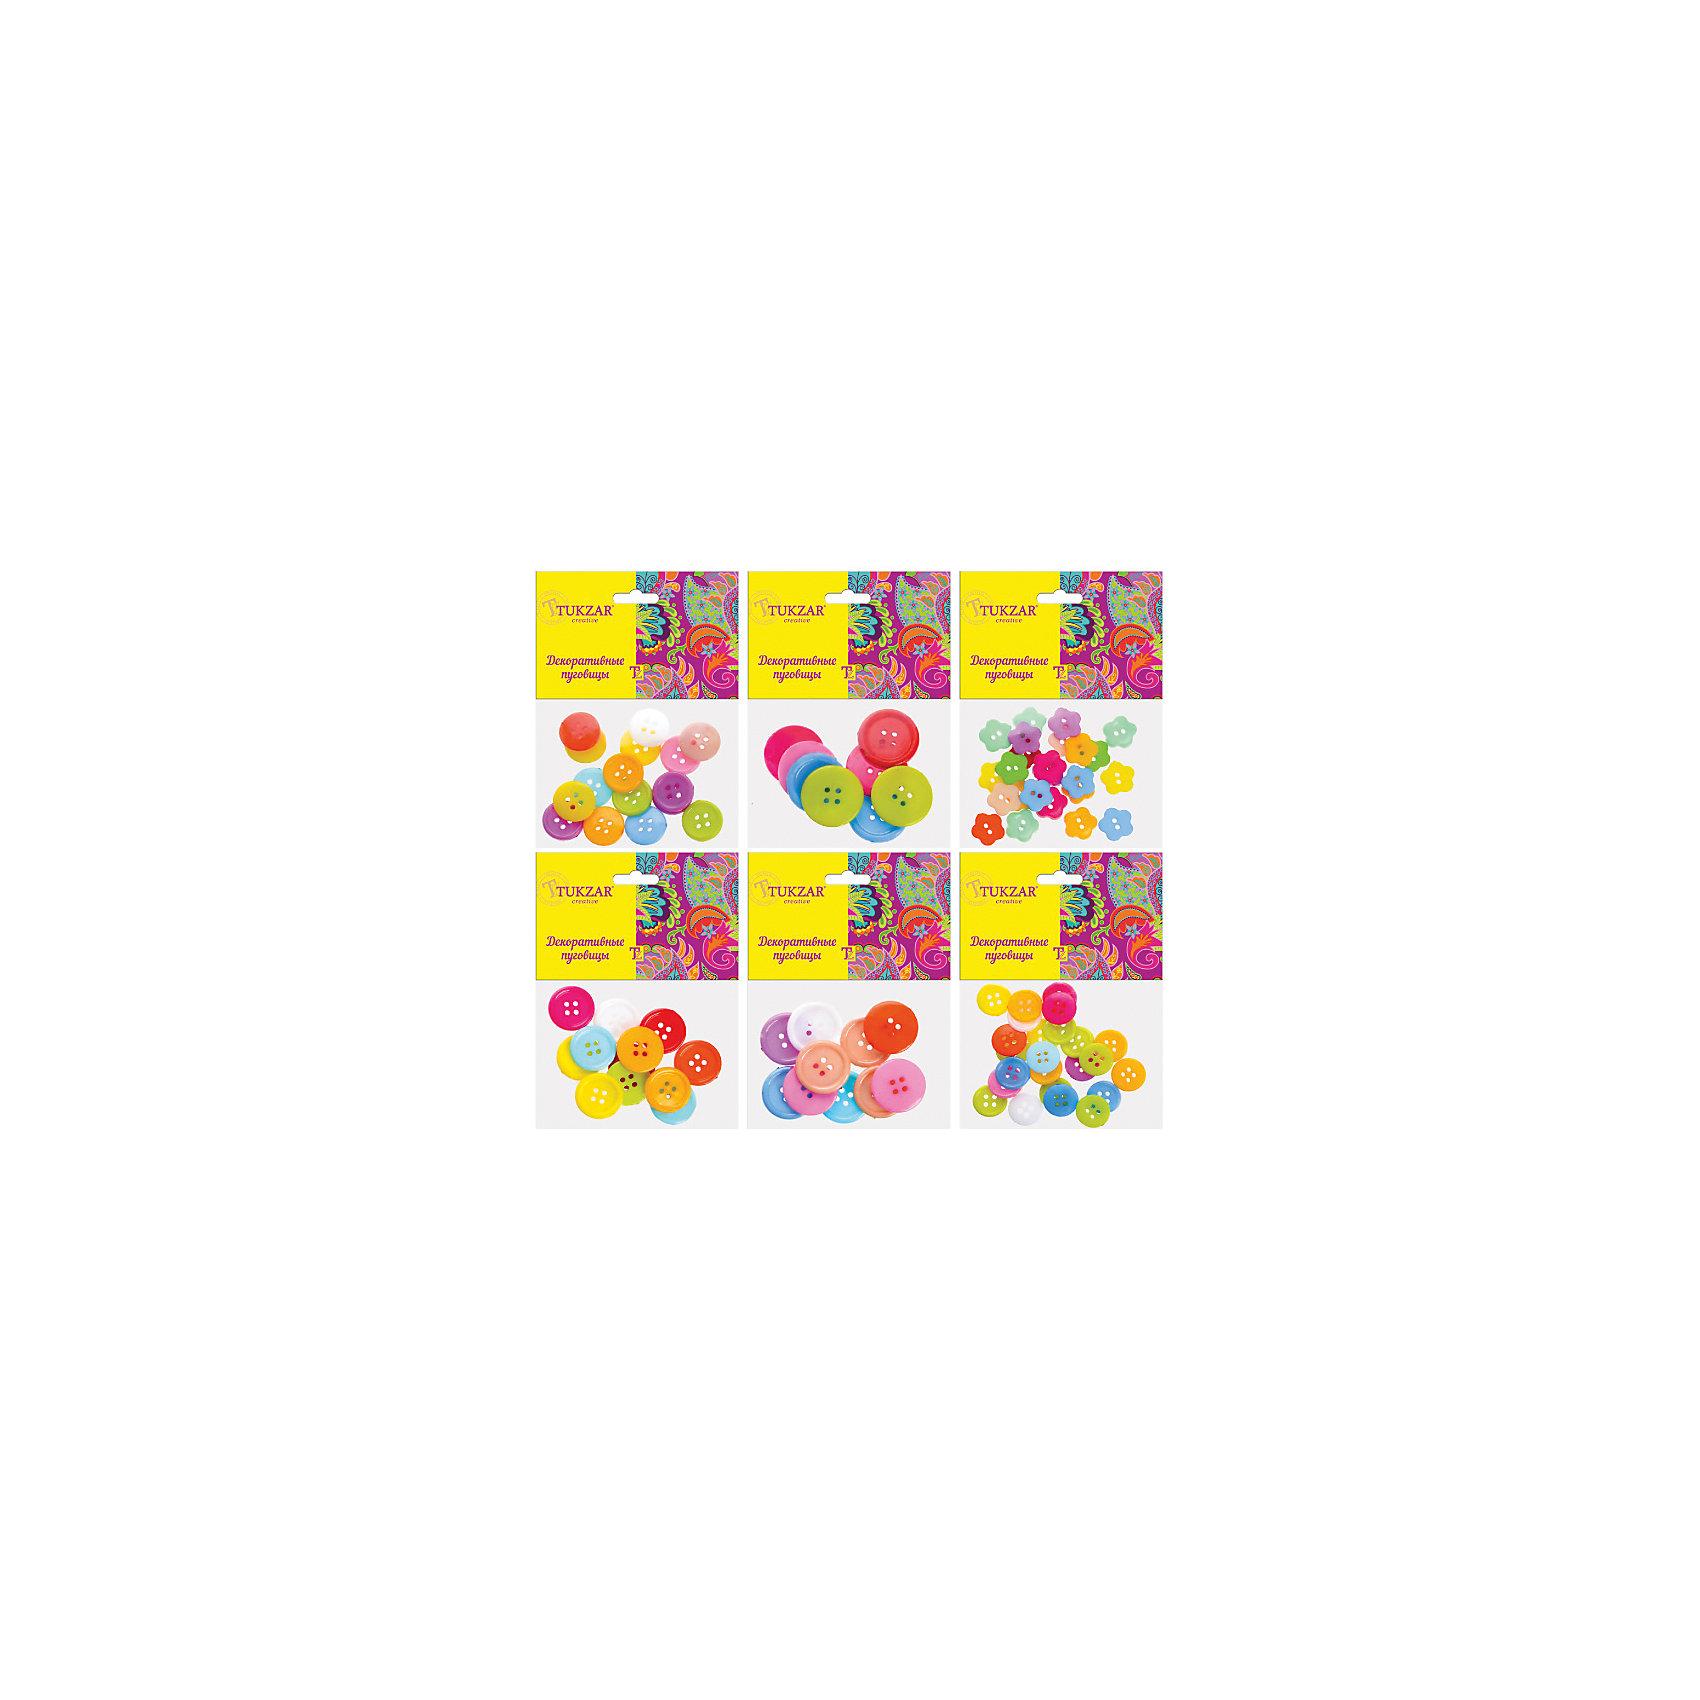 Деревянные элементы для декора Пуговицы, 6 дизайнов в ассортиментеДеревянные элементы для декора Пуговицы, 6 дизайнов в ассортименте от известного торгового бренда канцелярских товаров и товаров для творчества TUKZAR. Пуговицы можно использовать для оформления и декорирования ручных поделок, оформления подарочной упаковки или в качестве дополнительных элементов для создания авторских узоров и аксессуаров. Набор включает в себяпуговицы, выполненные из дерева, разнообразных размеров, форм и цветов. <br><br>Дополнительная информация:<br><br>- Предназначение: для творческих занятий, оформительских работ и декорирования<br>- Материал: дерево<br>- Комплектация: деревянные пуговины в 6-ти дизайнах<br>- Размер: 8*10 см<br>- Упаковка: полиэтилен<br><br>Подробнее:<br><br>• Для детей в возрасте: от 5 лет <br>• Страна производитель: Китай<br>• Торговый бренд: TUKZAR<br><br>Деревянные элементы для декора Пуговицы, 6 дизайнов в ассортименте можно купить в нашем интернет-магазине.<br><br>Ширина мм: 80<br>Глубина мм: 100<br>Высота мм: 10<br>Вес г: 50<br>Возраст от месяцев: 36<br>Возраст до месяцев: 192<br>Пол: Унисекс<br>Возраст: Детский<br>SKU: 5001414